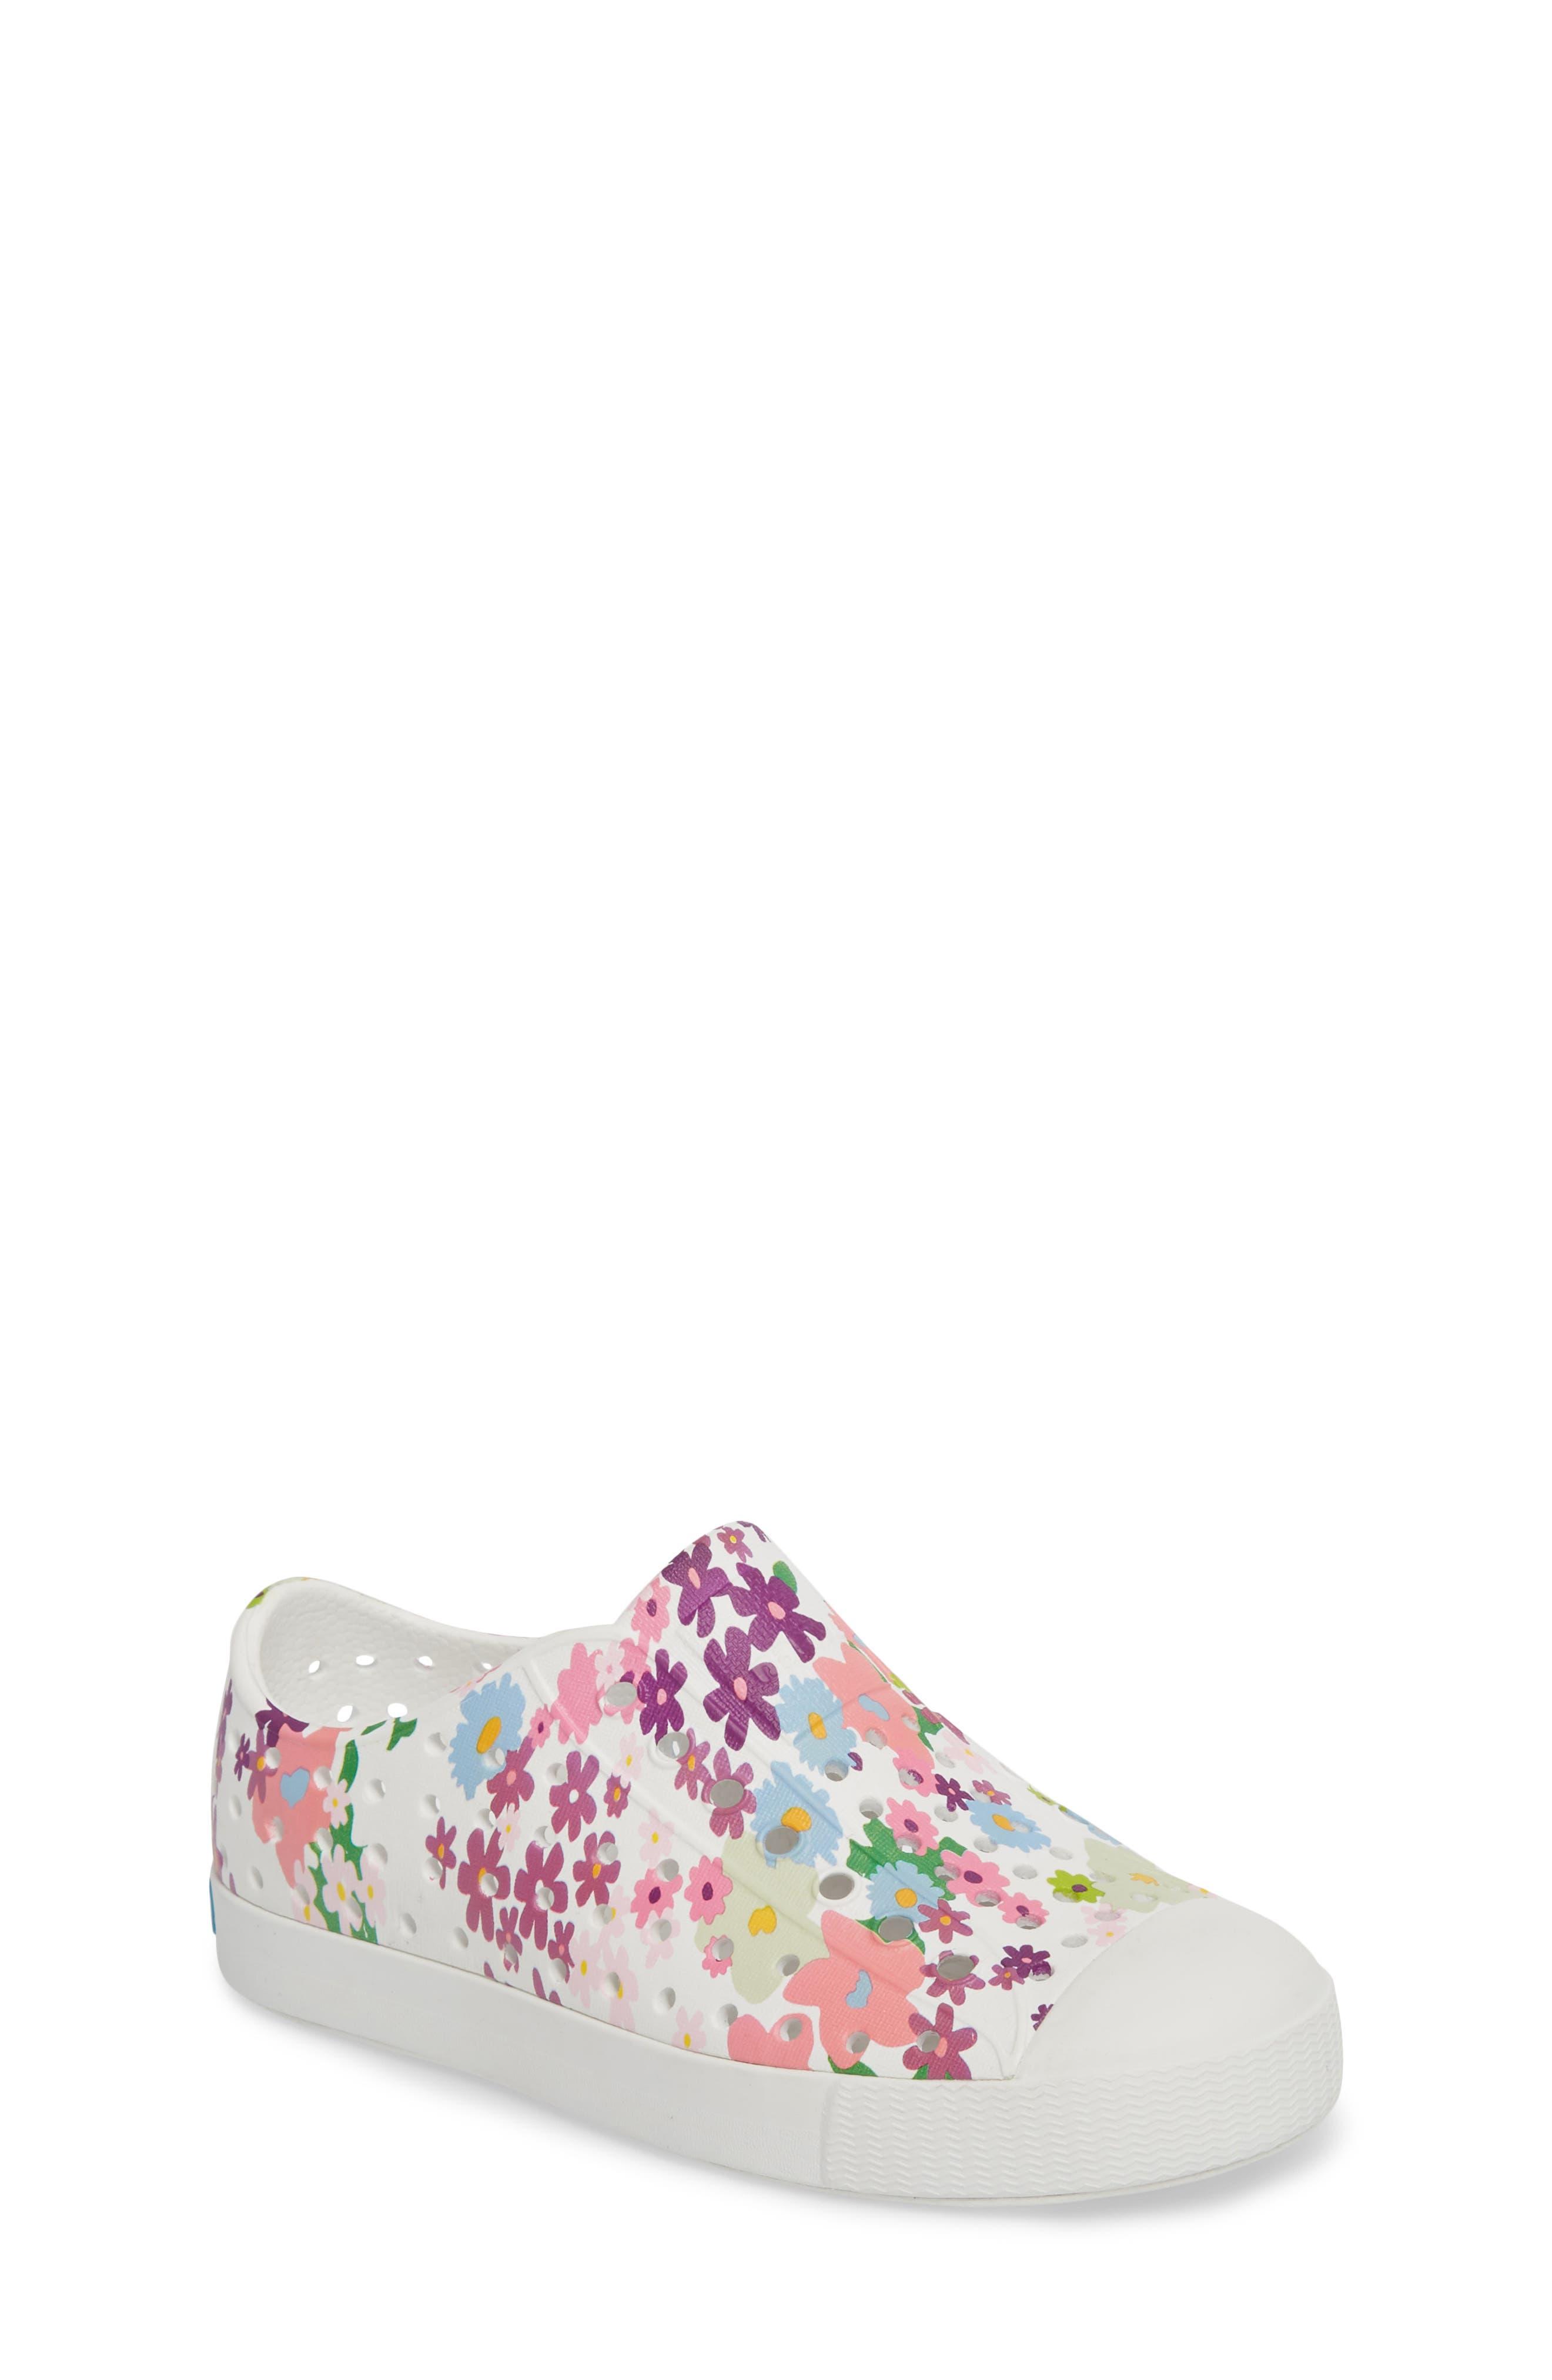 NATIVE SHOES, Jefferson Quartz Slip-On Vegan Sneaker, Main thumbnail 1, color, SHELL WHITE/ DAISY PRINT